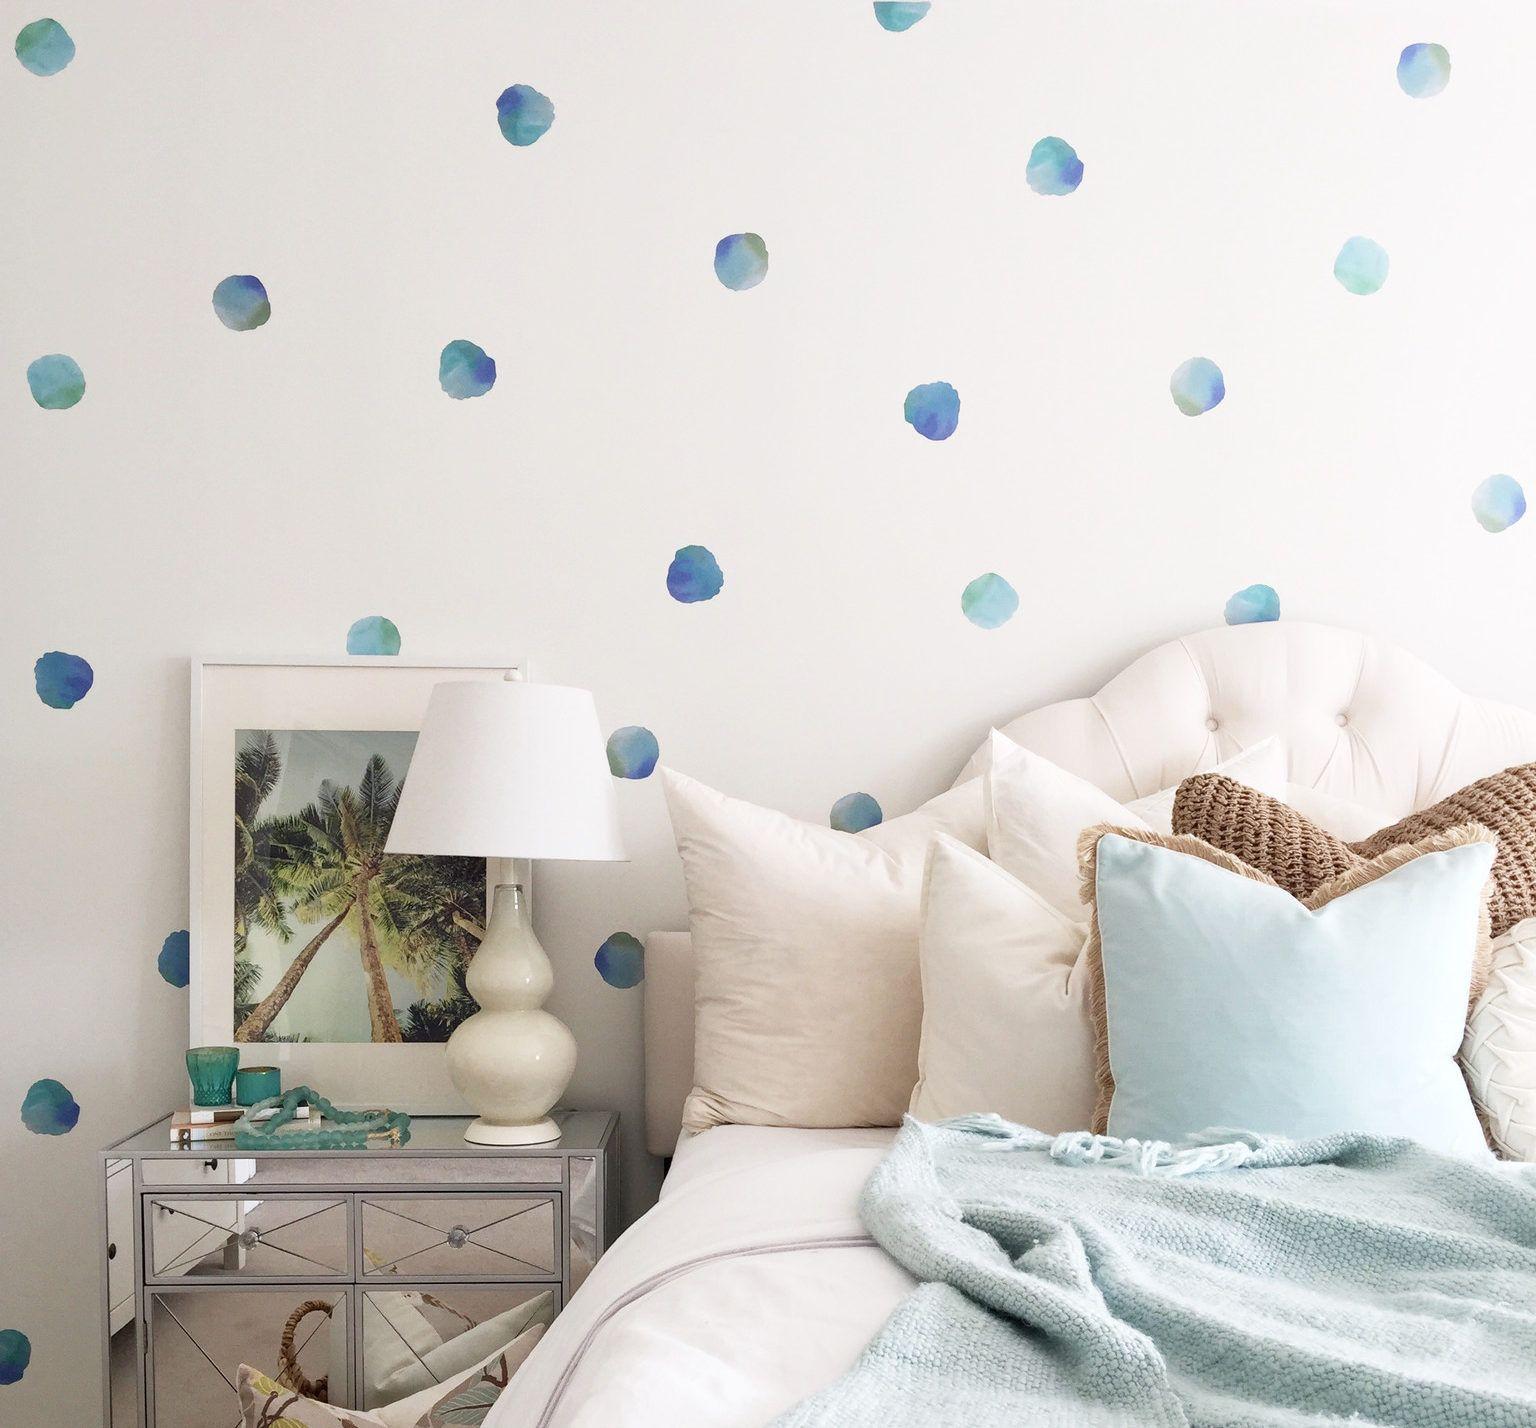 Watercolor Polka Dot Wall Decals